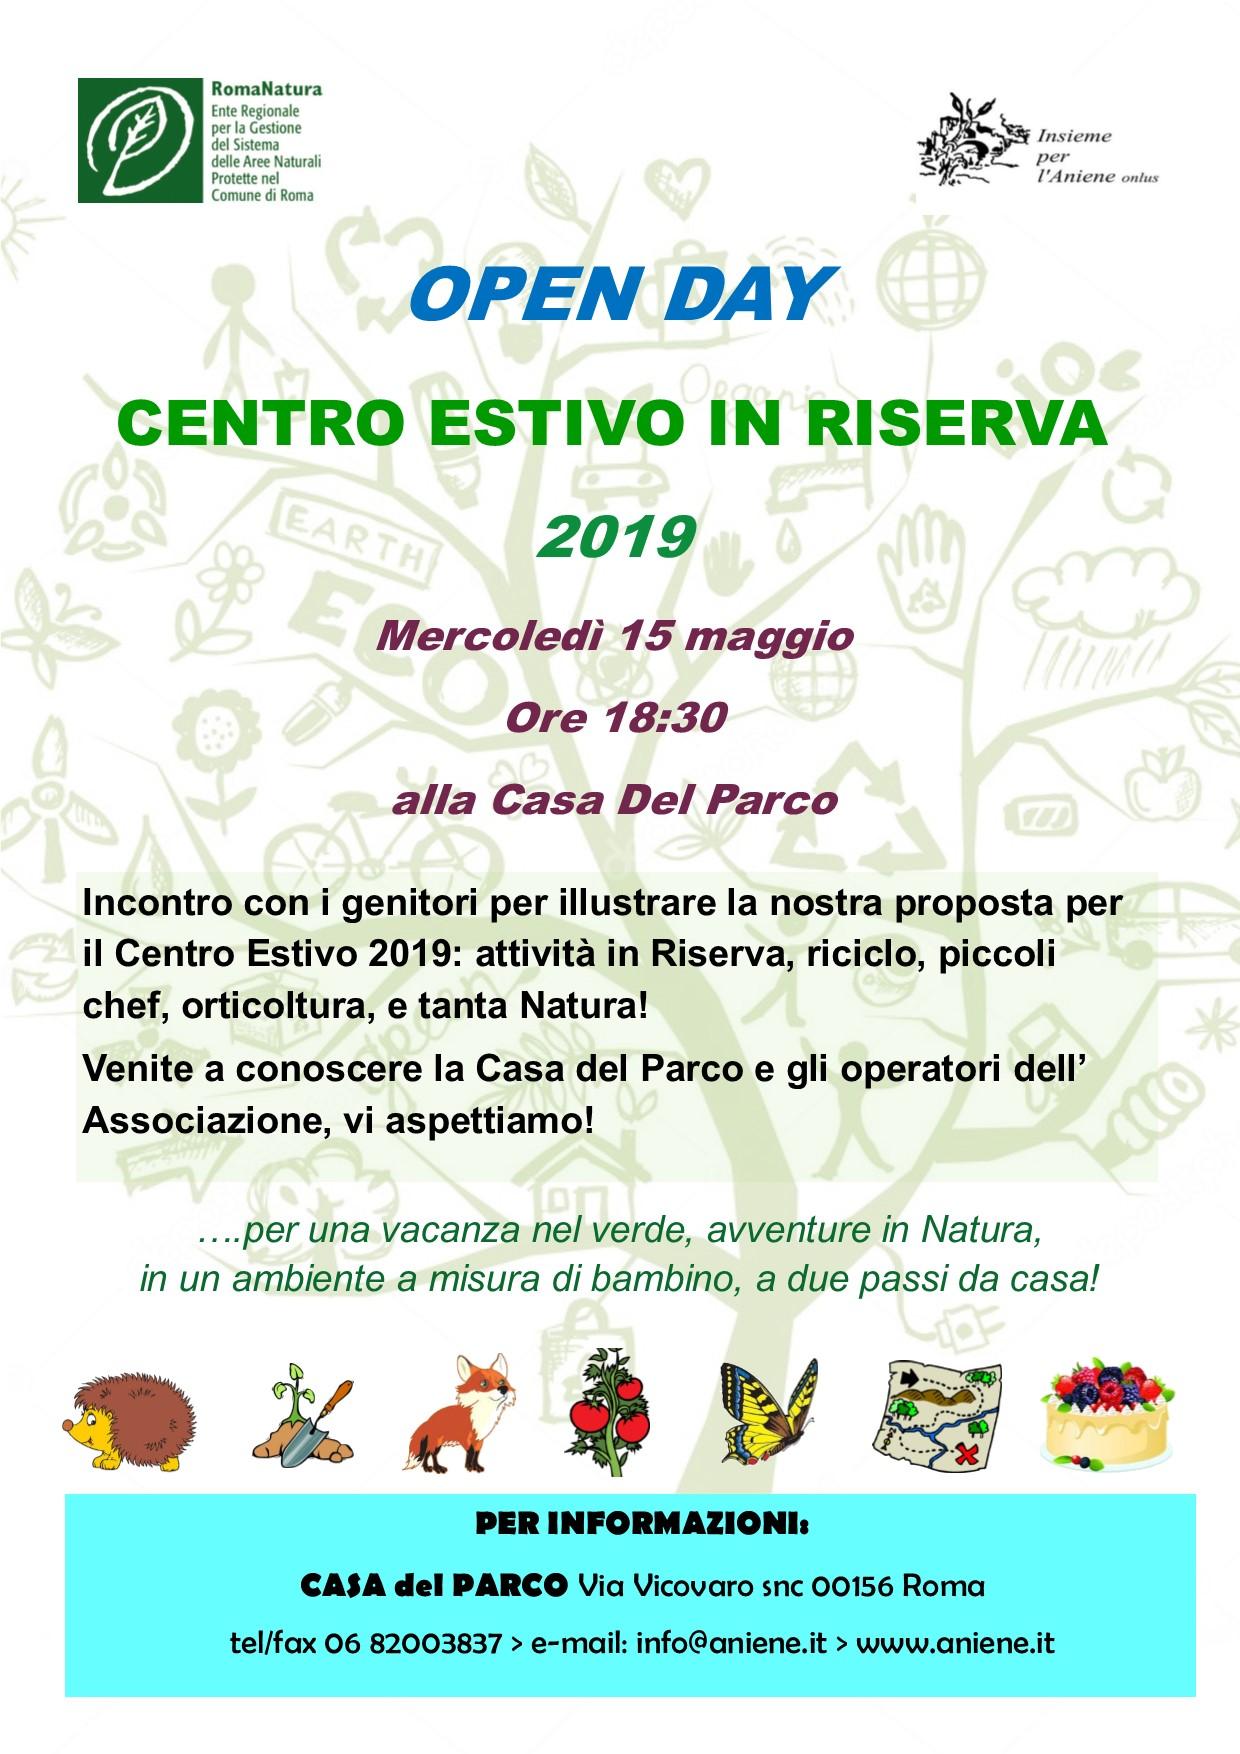 OPEN DAY CENTRO ESTIVO 2019